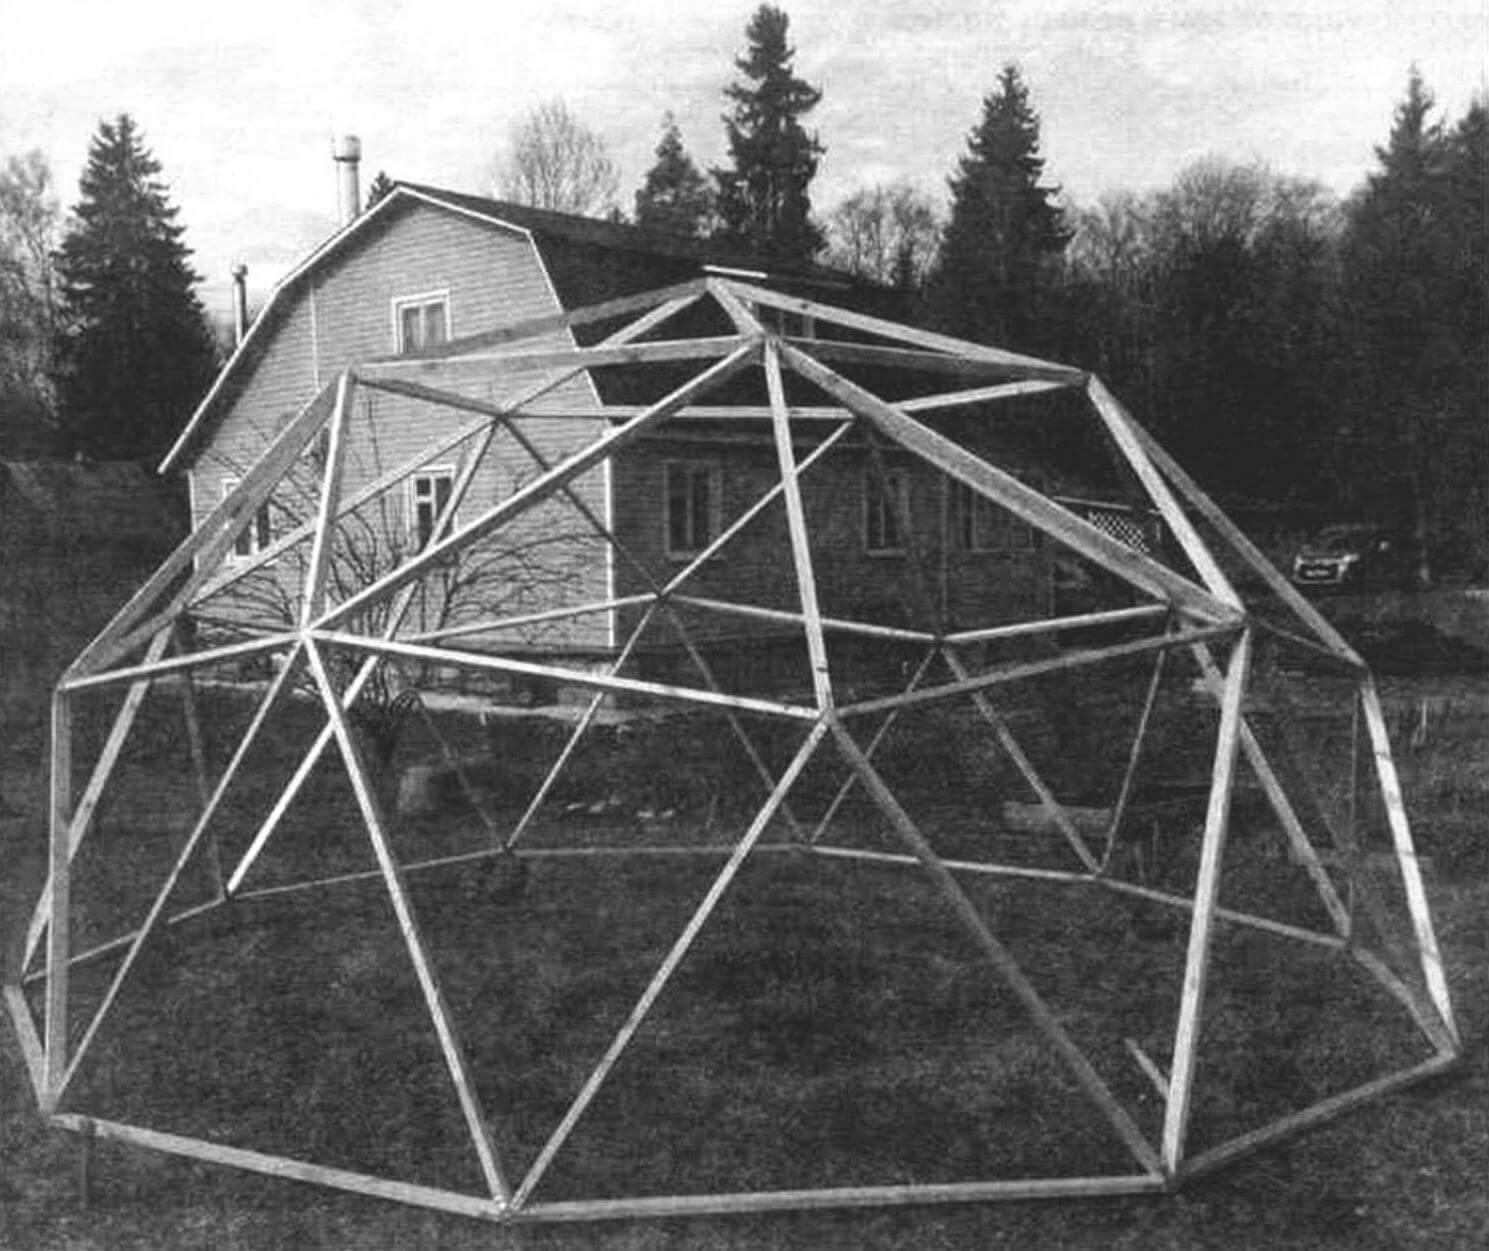 При сборке каркаса купола обязательно надо промаркировать все ребра, чтобы знать, какой стороной и с какой вершиной соединяется каждое из них